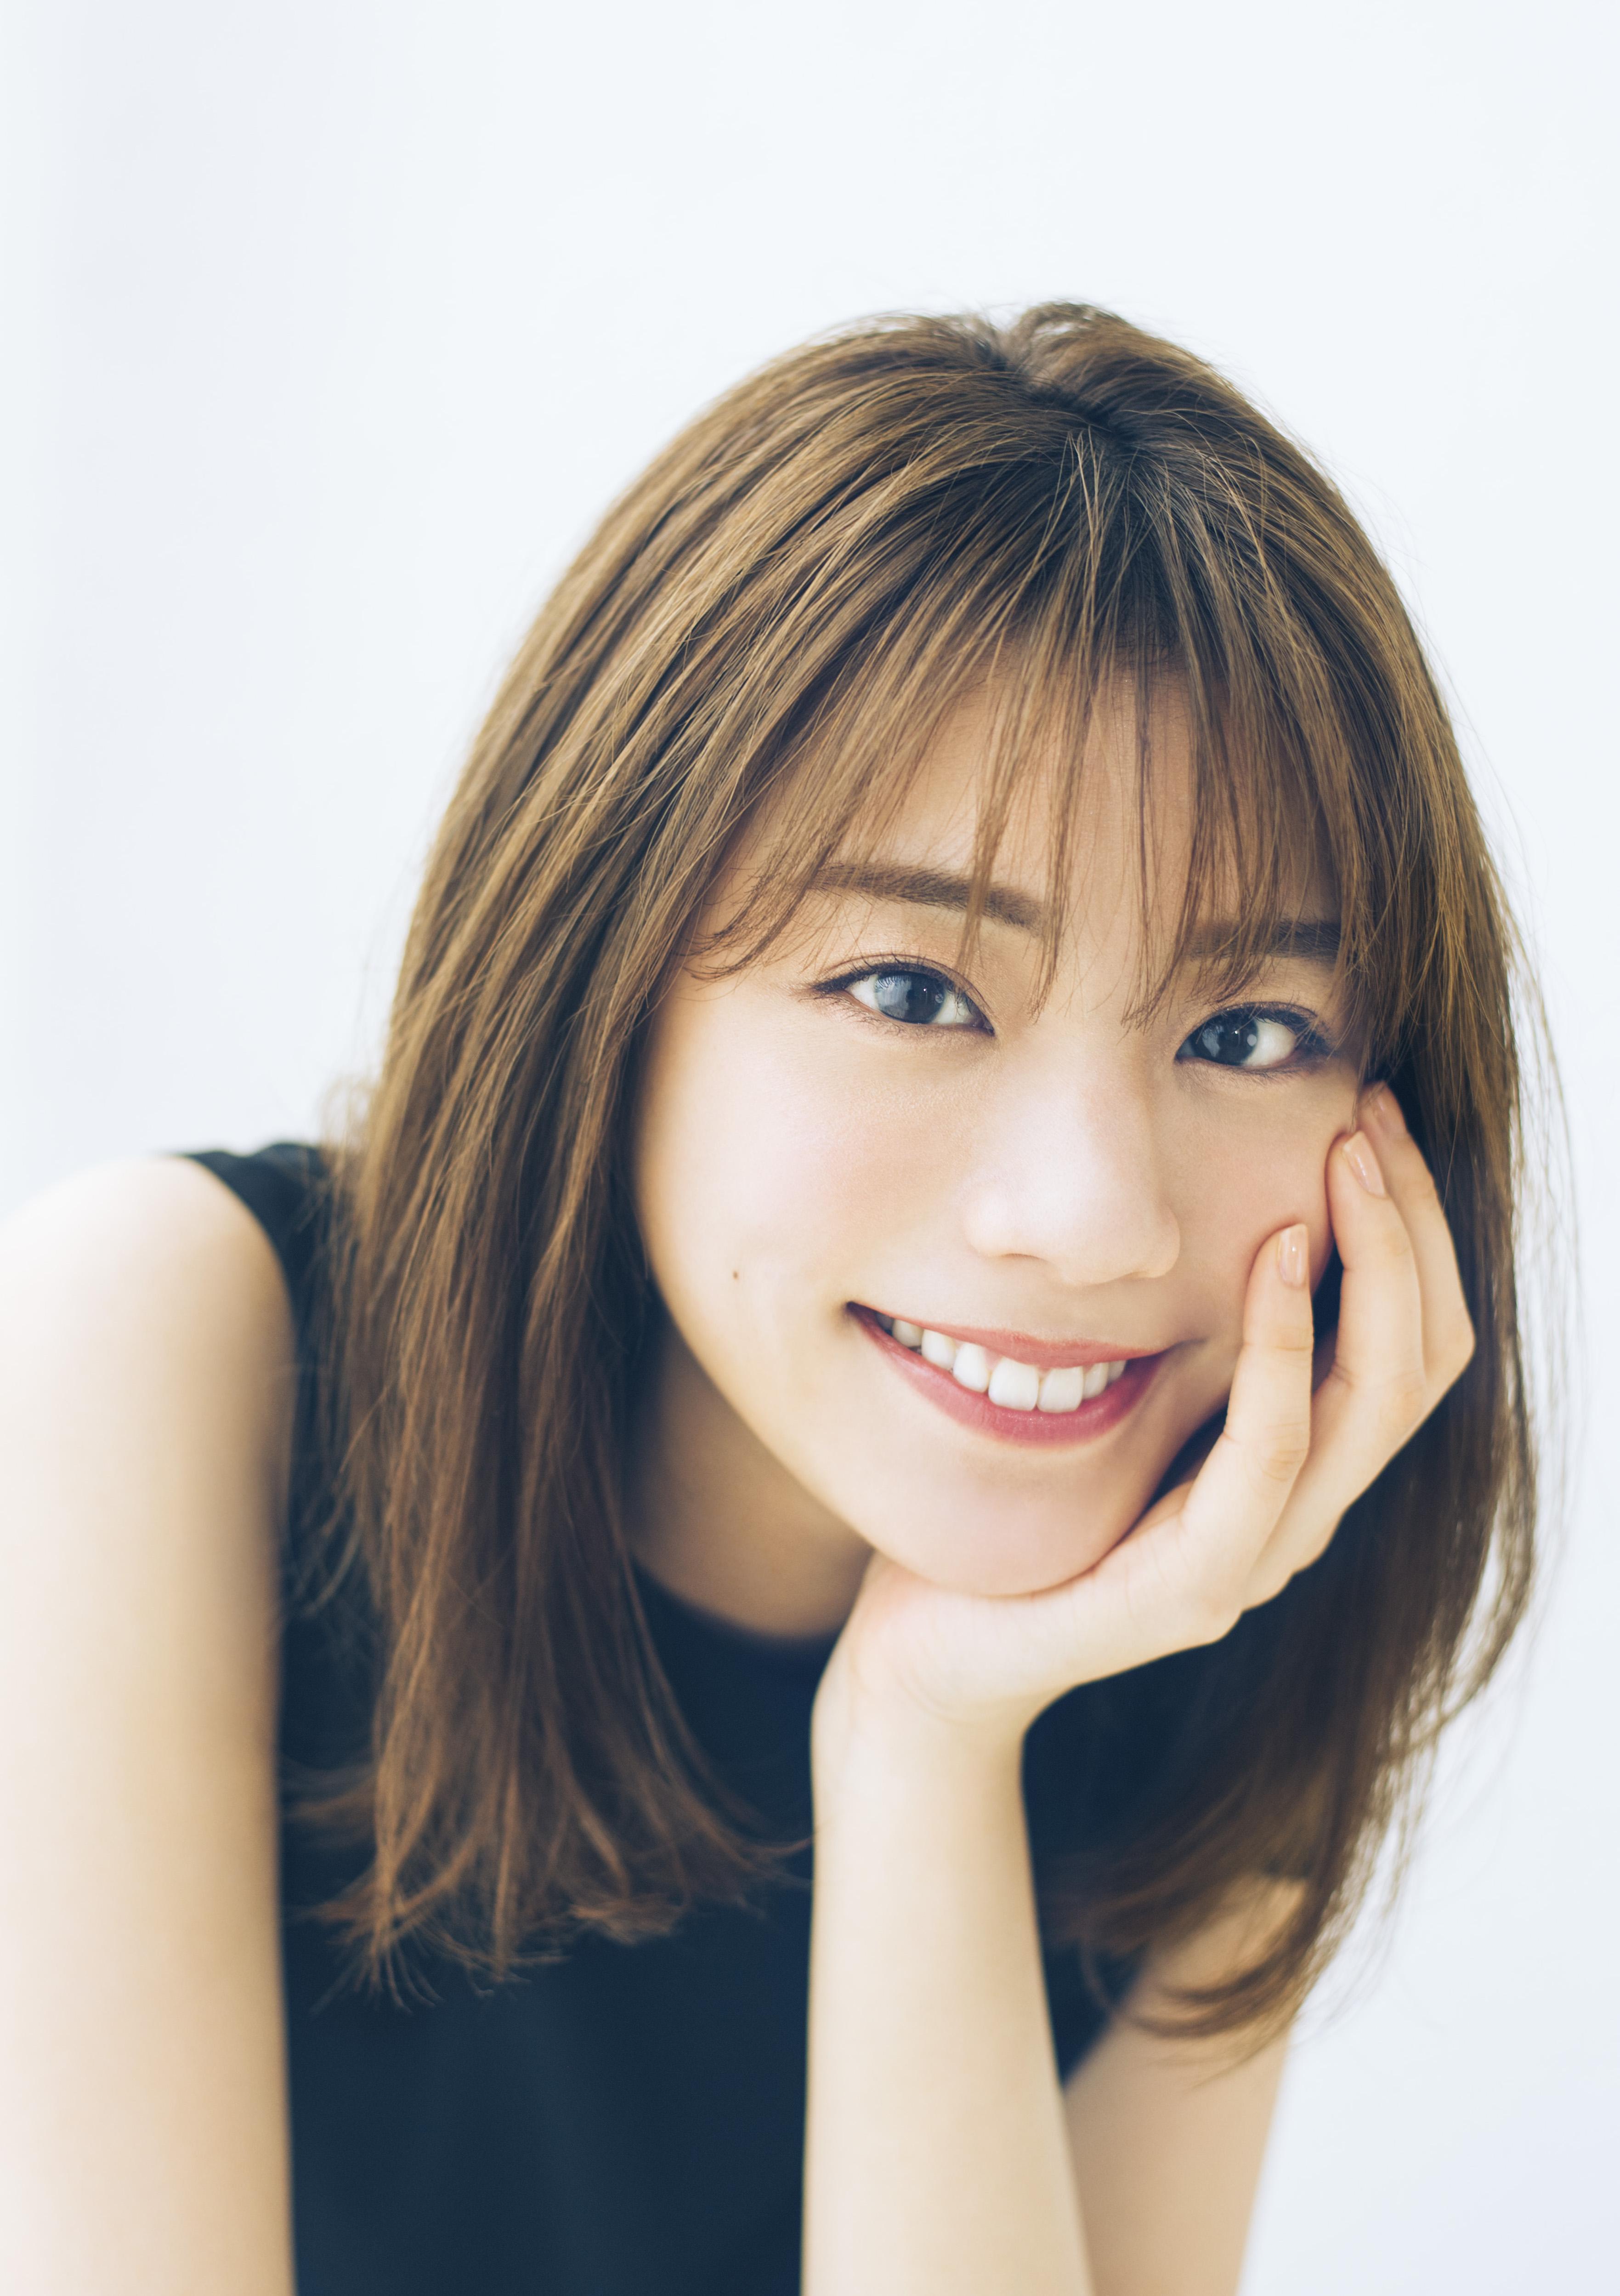 『貴島明日香』お天気キャスターの美ボディーを「スピリッツ」の表紙で飾る